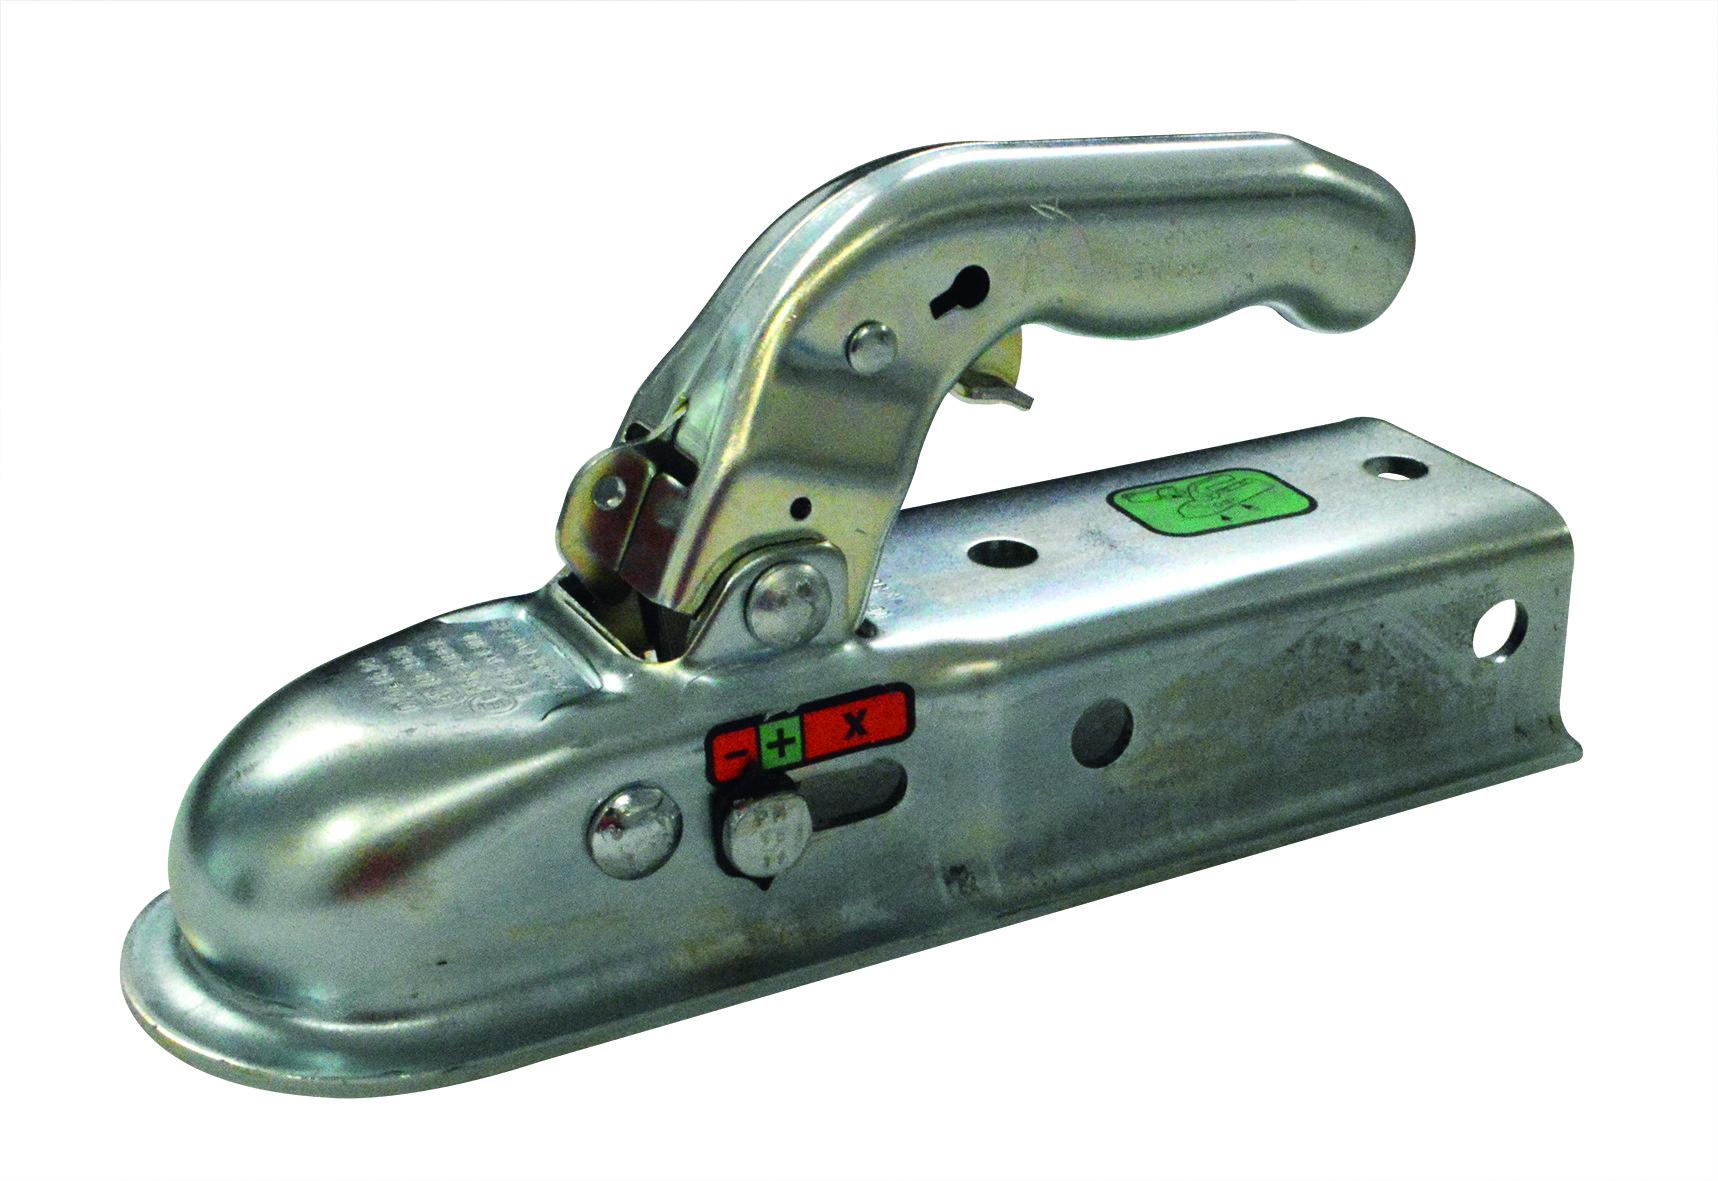 32.64 - Κοτσαδόρος Τρέιλερ Βαρέως Τύπου Ικανότητας 1500kg Με Άξονα 70mm